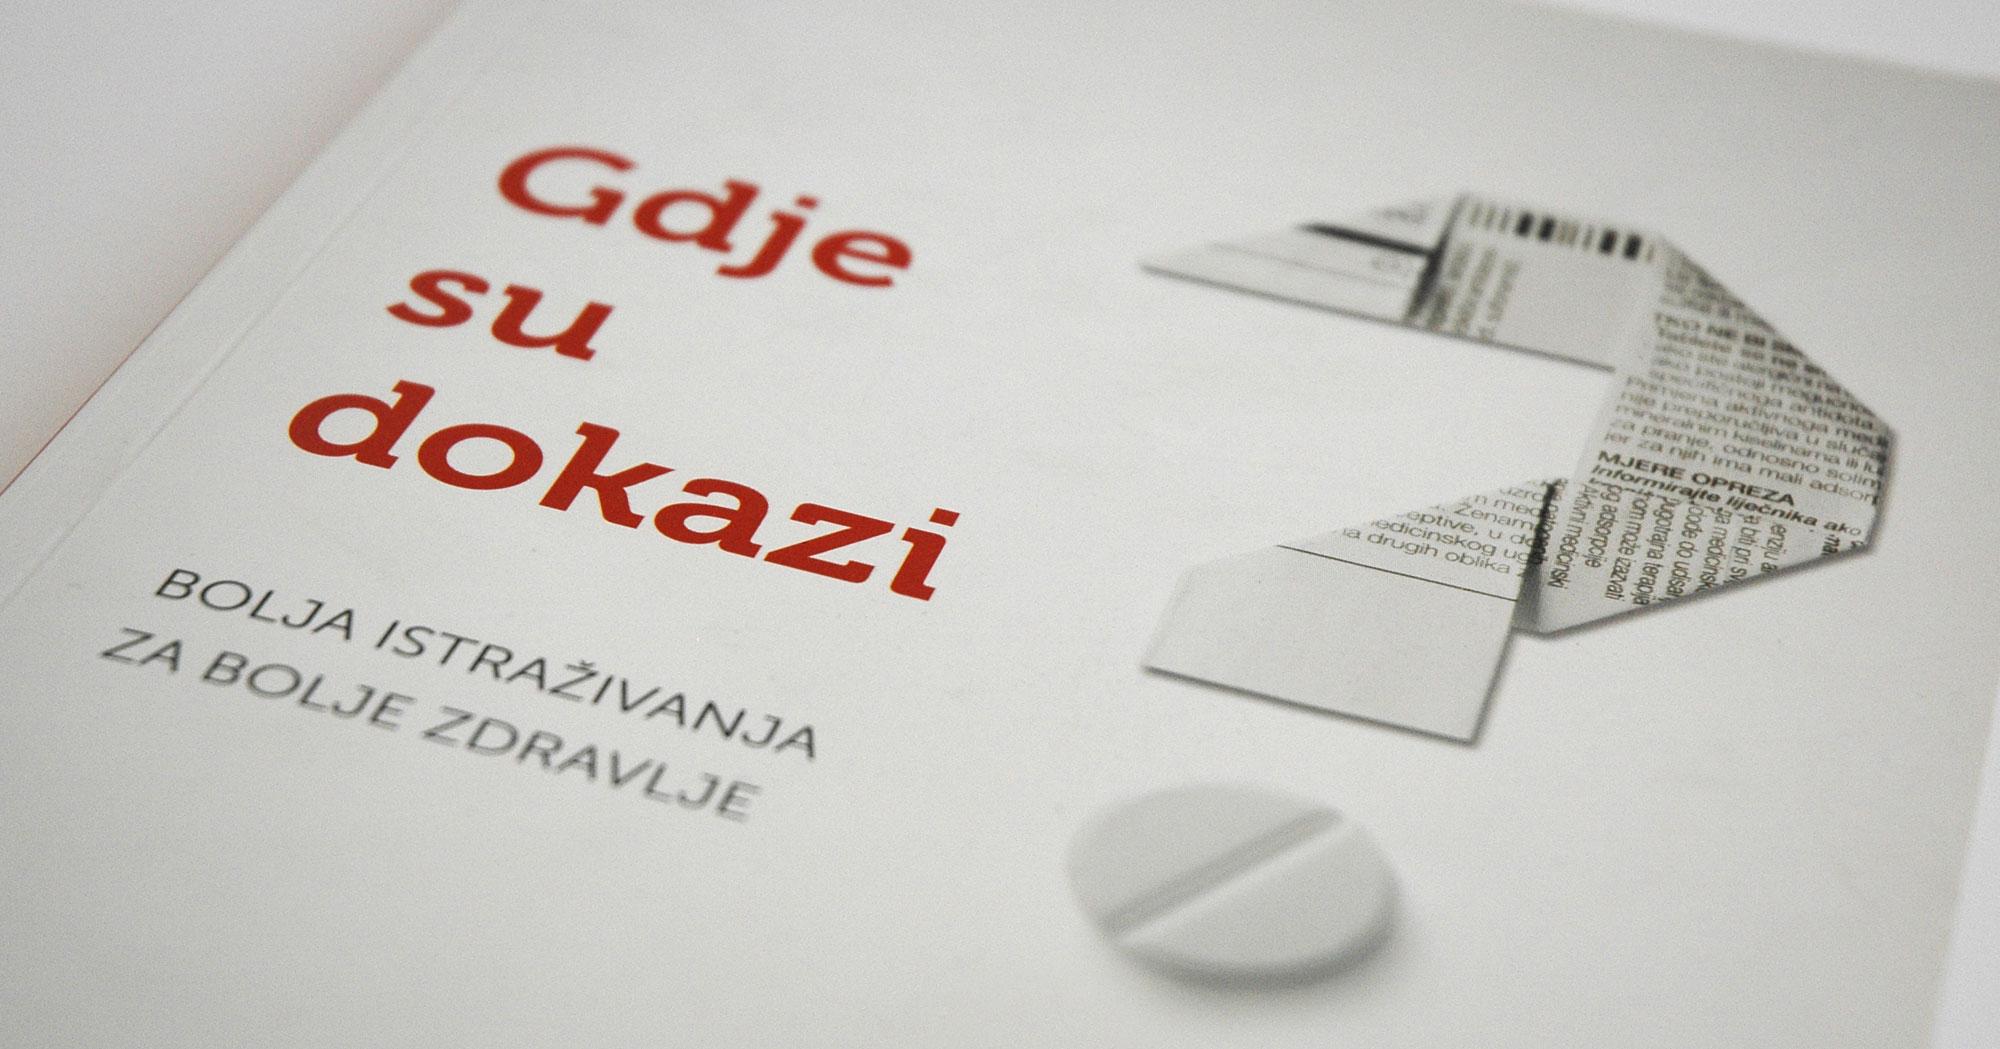 masavukmanovic.com - gdje su dokazi - naslovnica 01